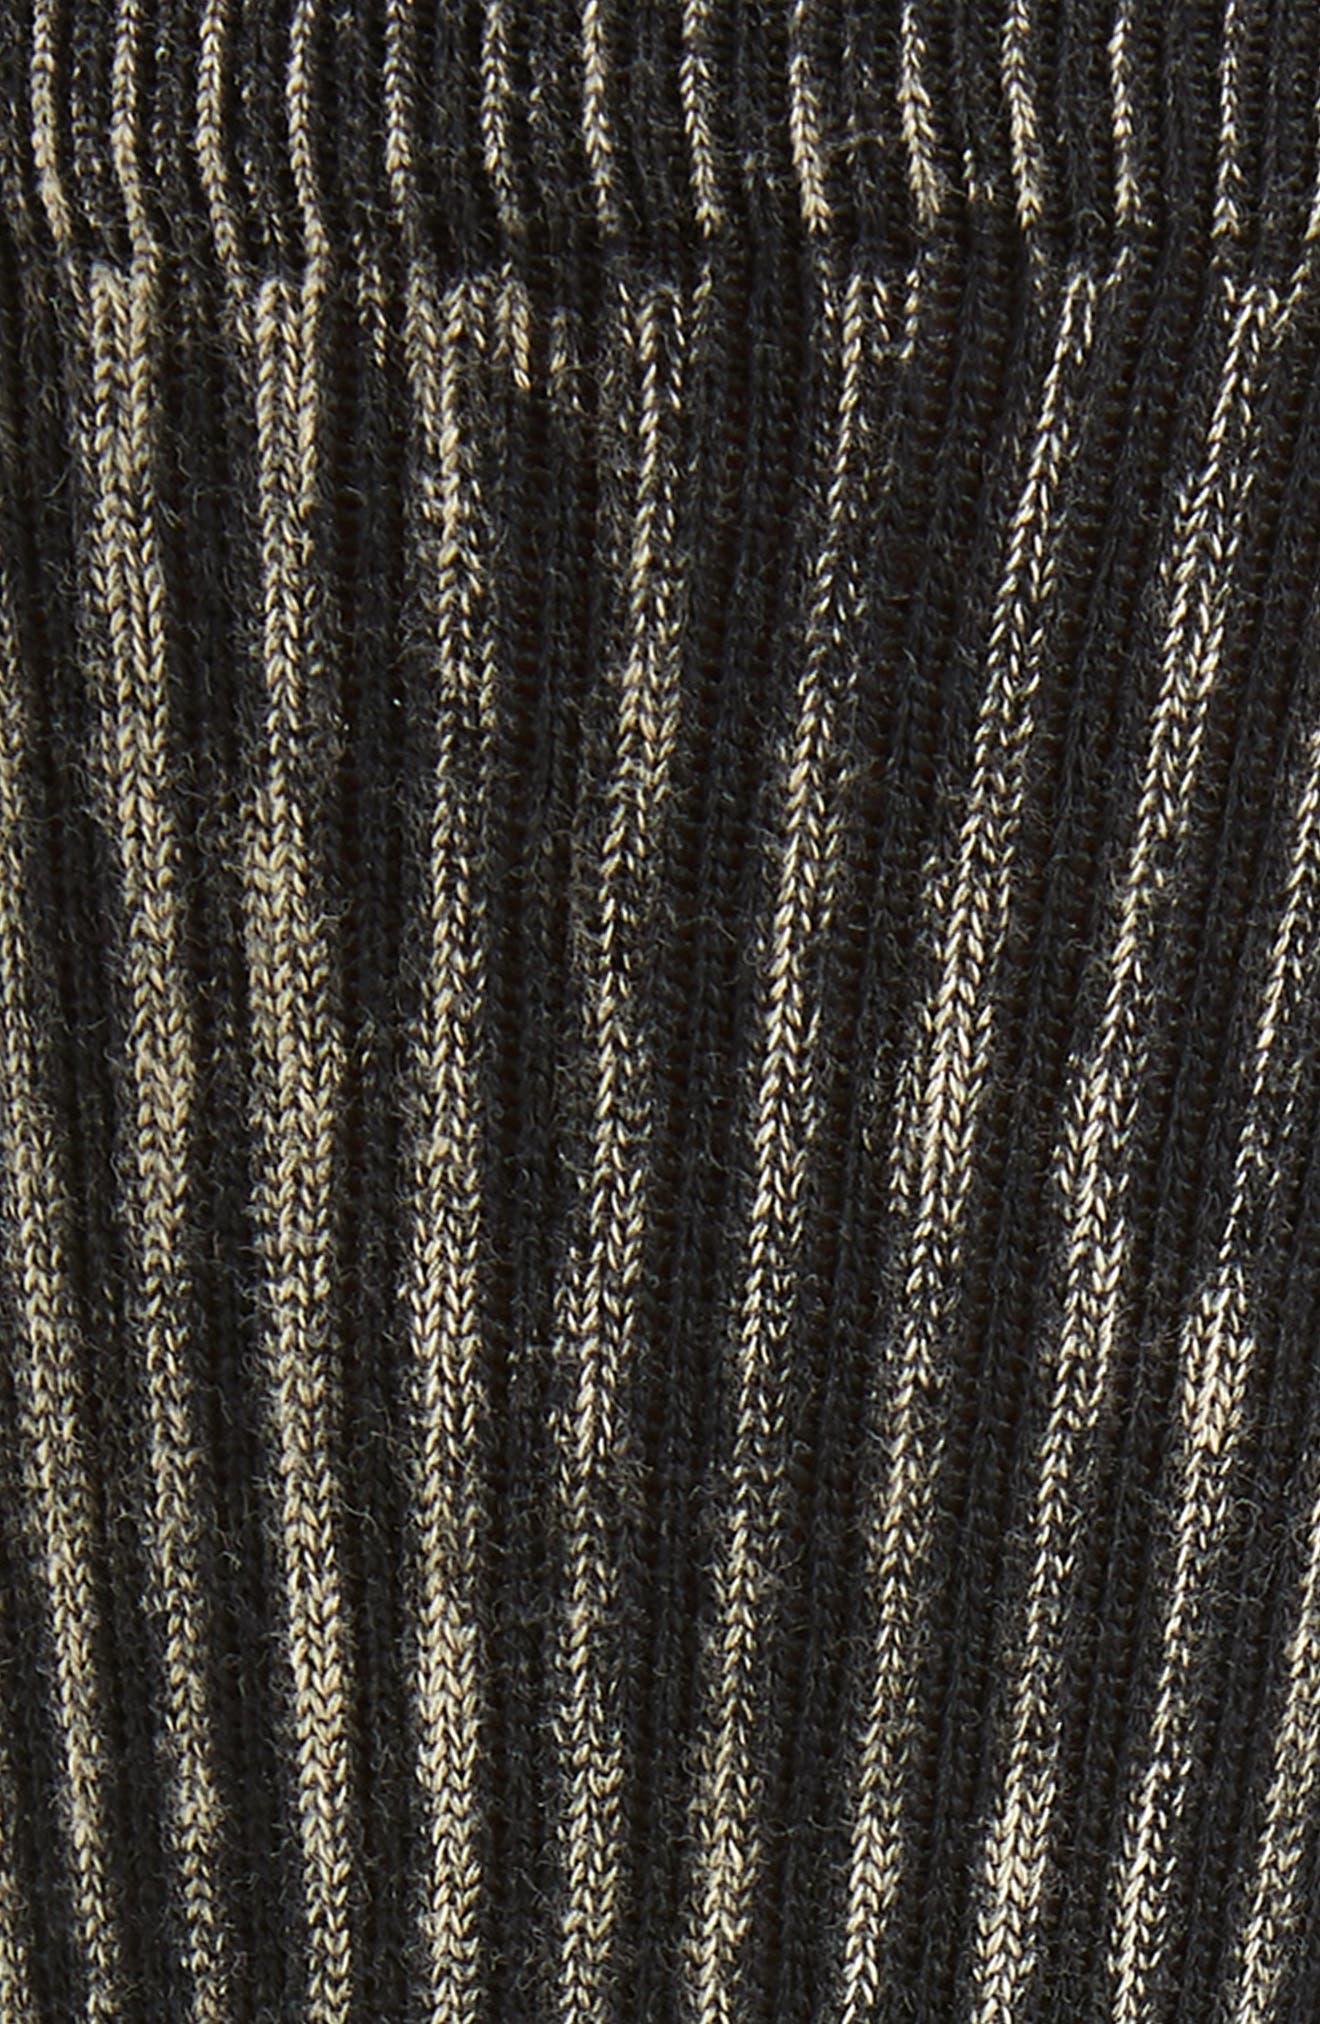 OG 2 Socks,                             Alternate thumbnail 2, color,                             BLACK